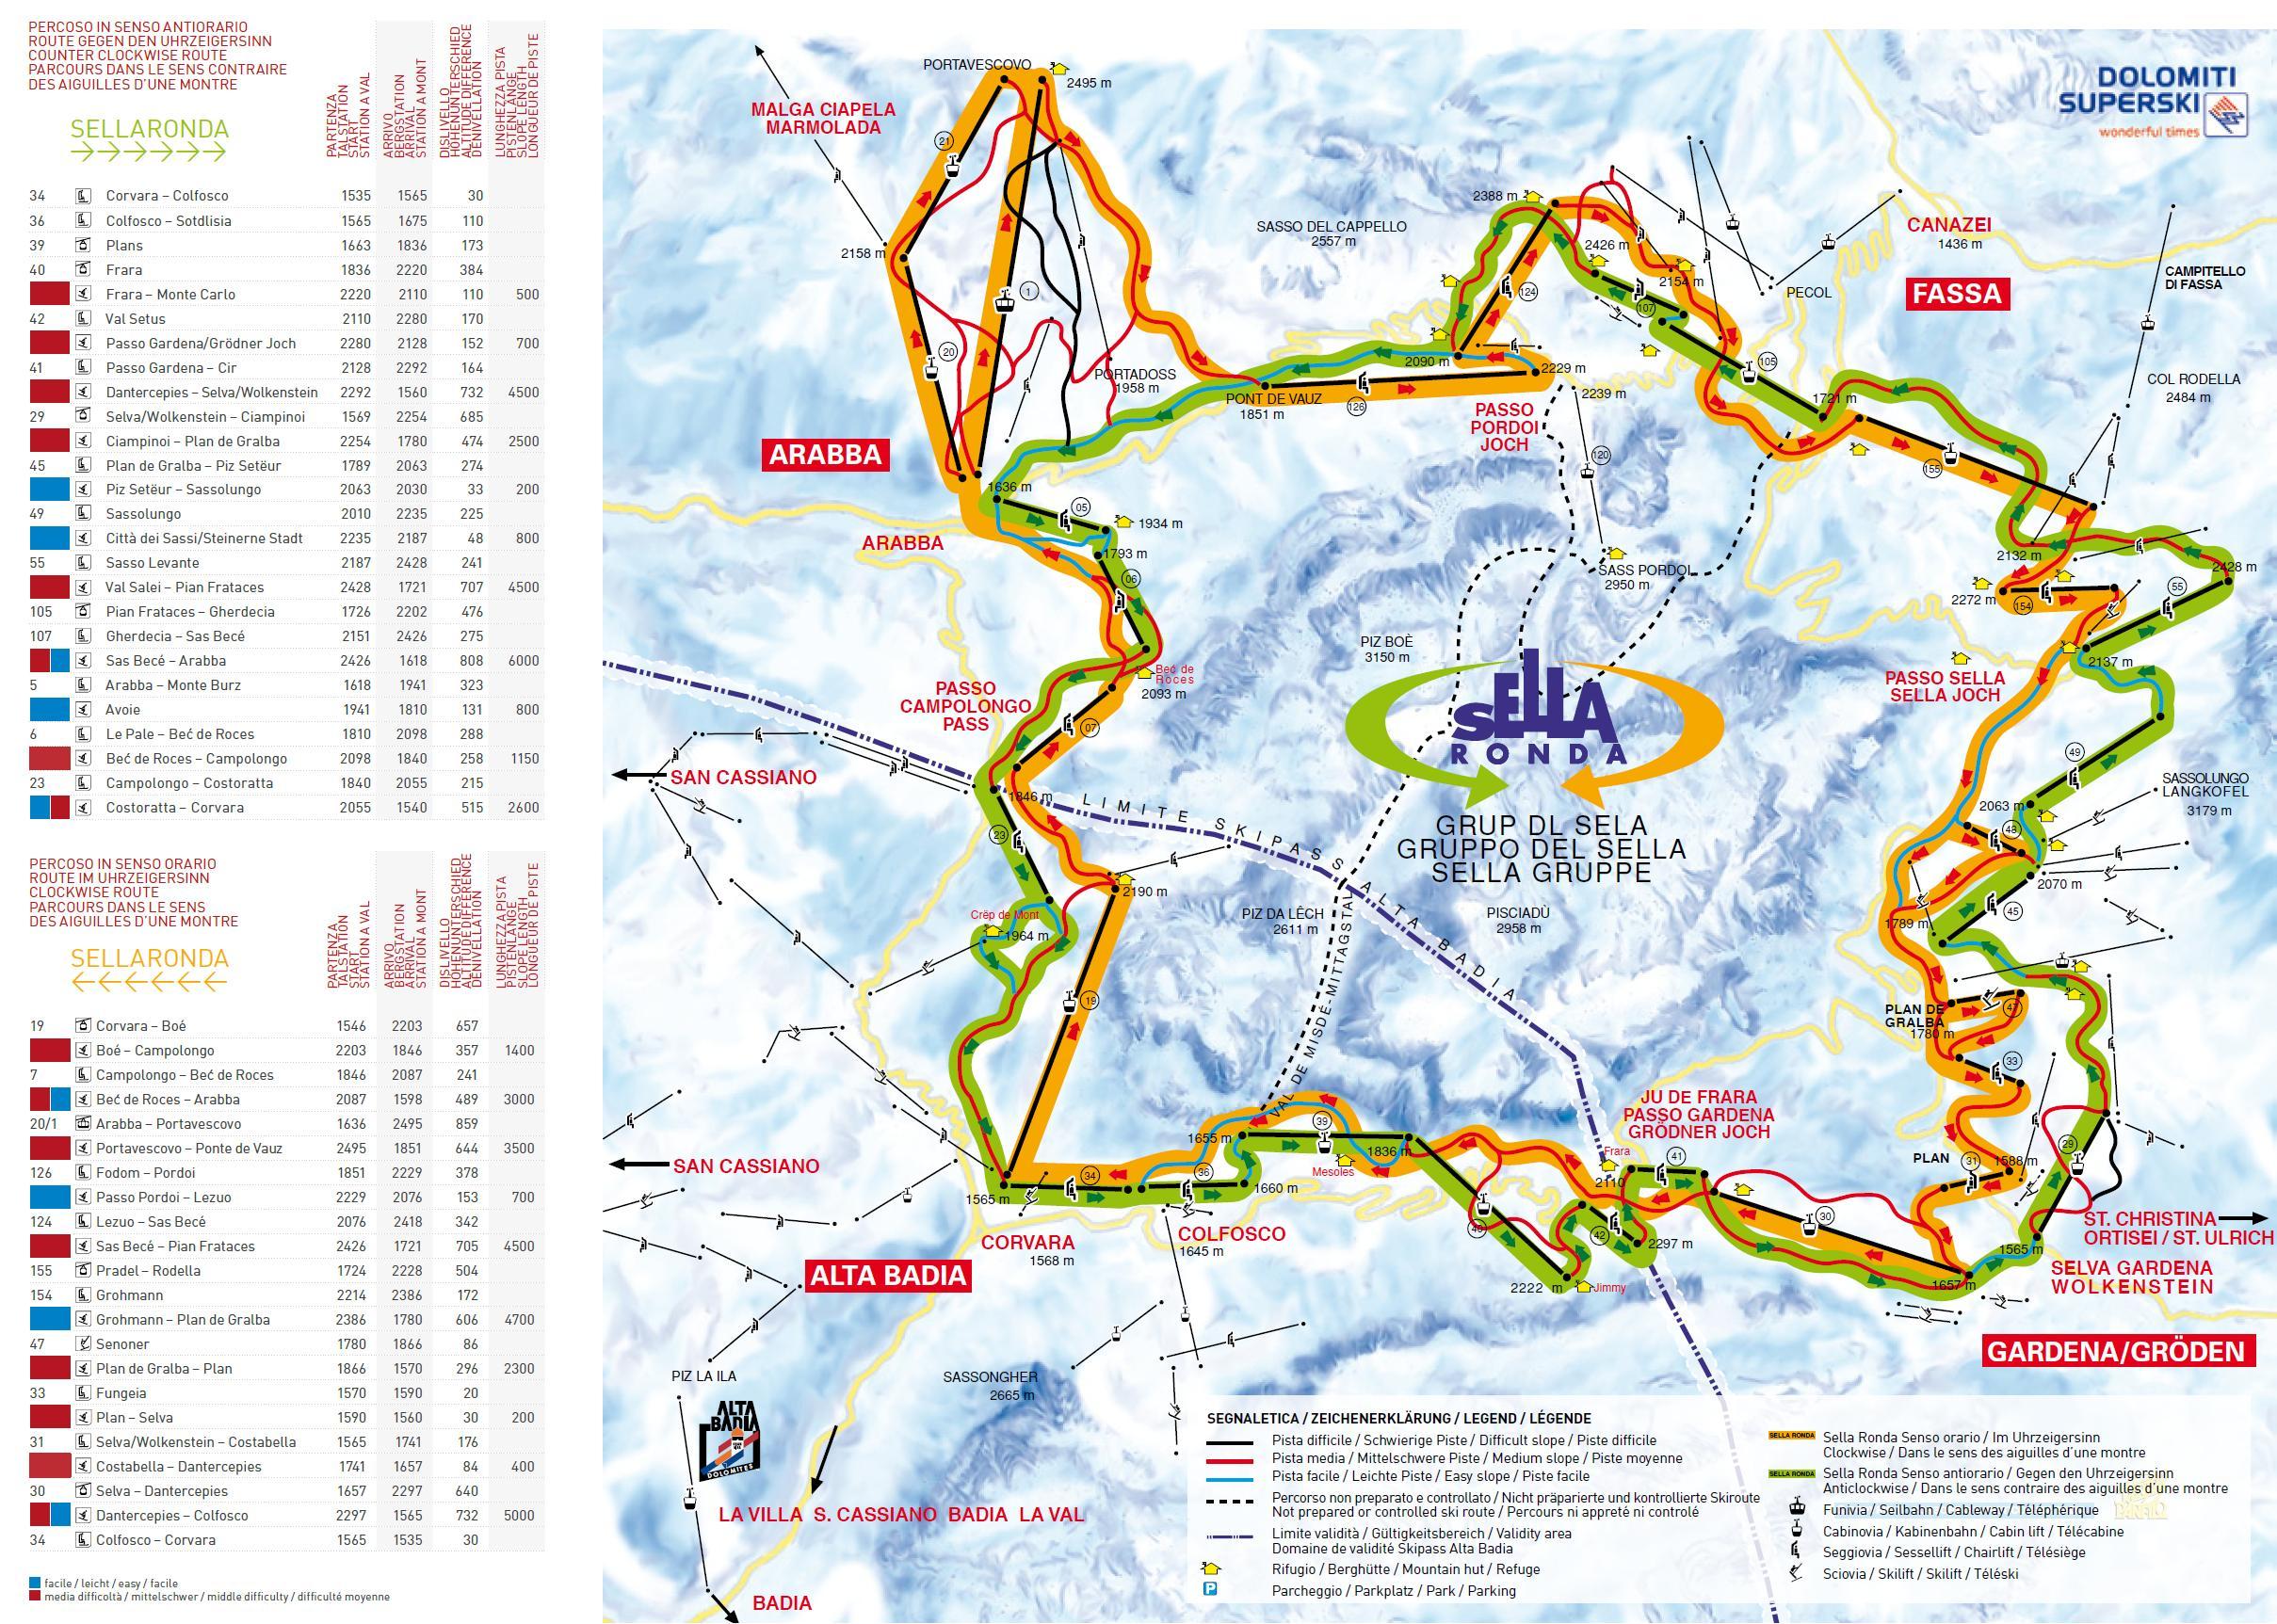 Mappa percorso sellaronda con gli sci